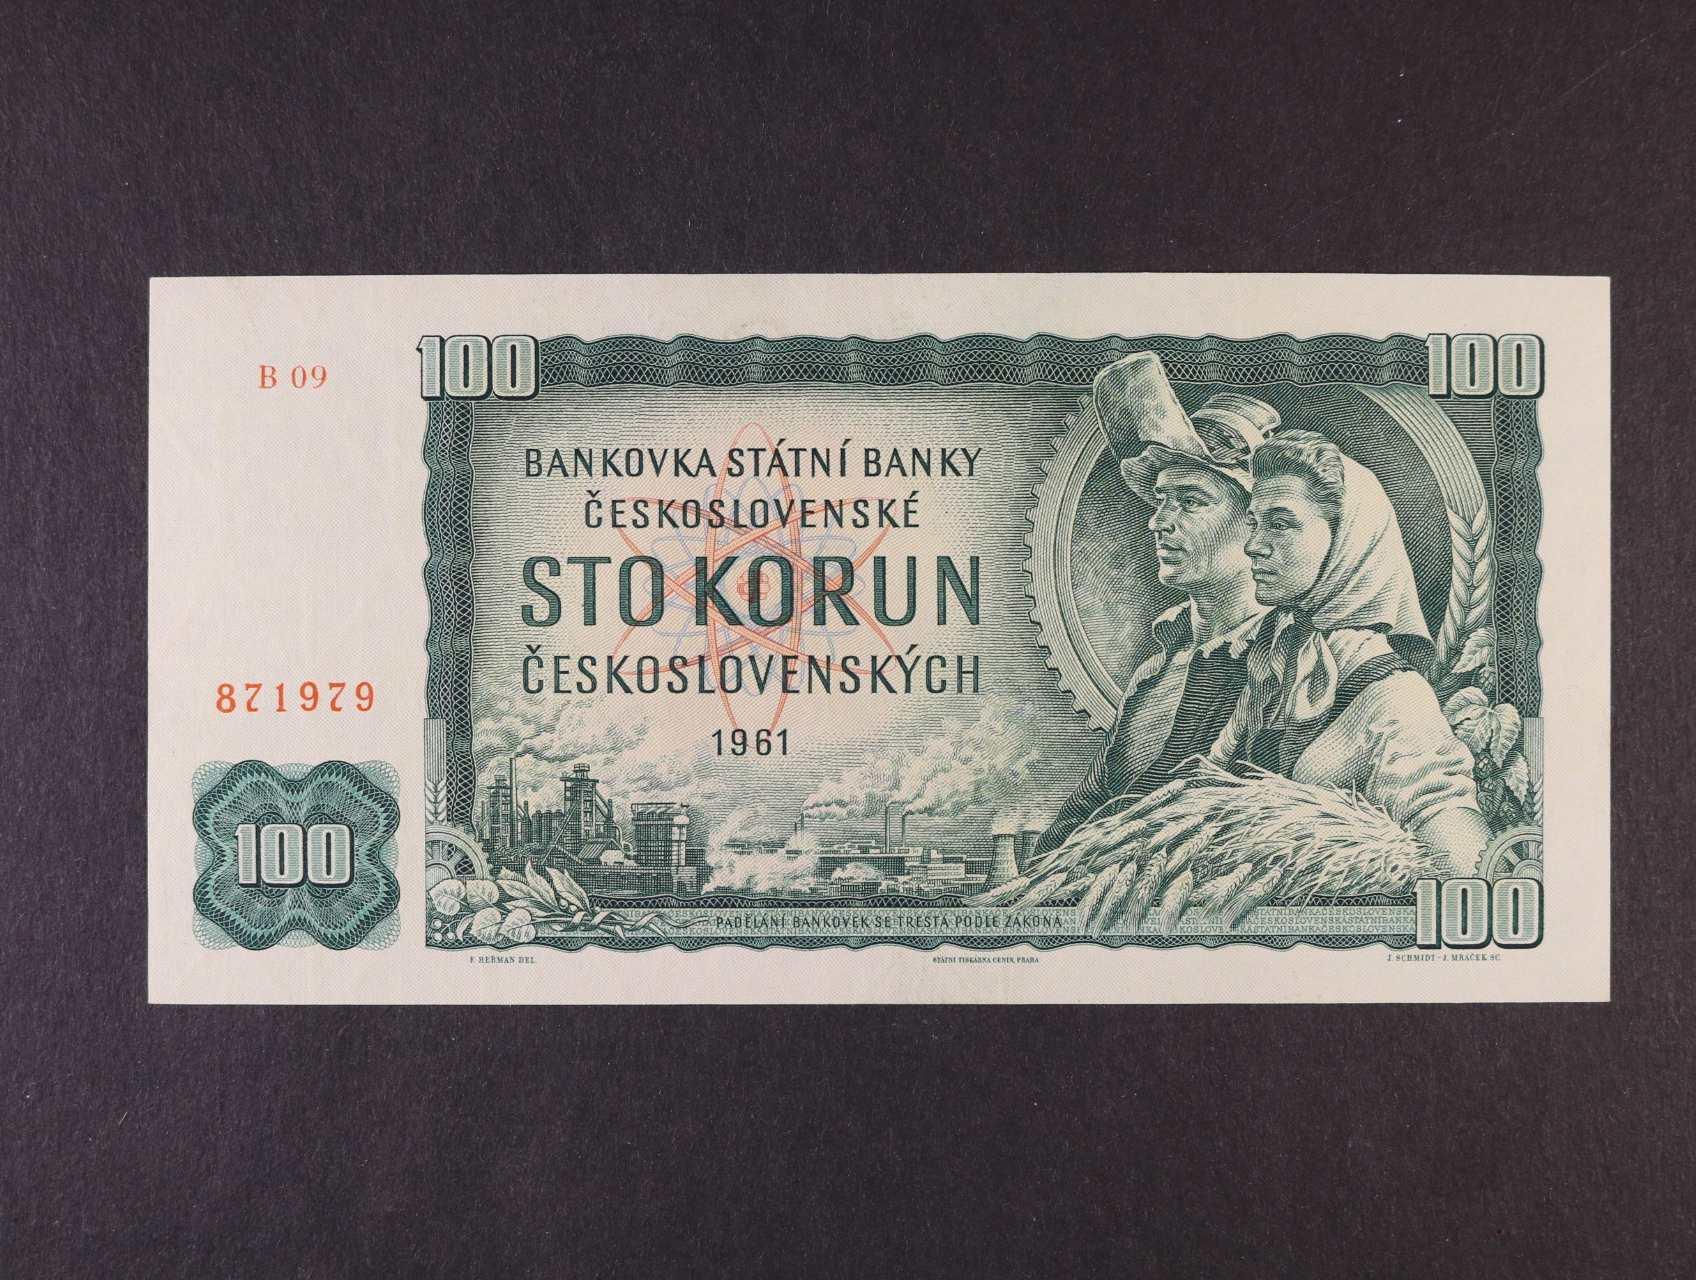 100 Kčs 1961 série B 09, vodoznaková výztuž líci bankovky, Ba. 98a1, Pi. 91